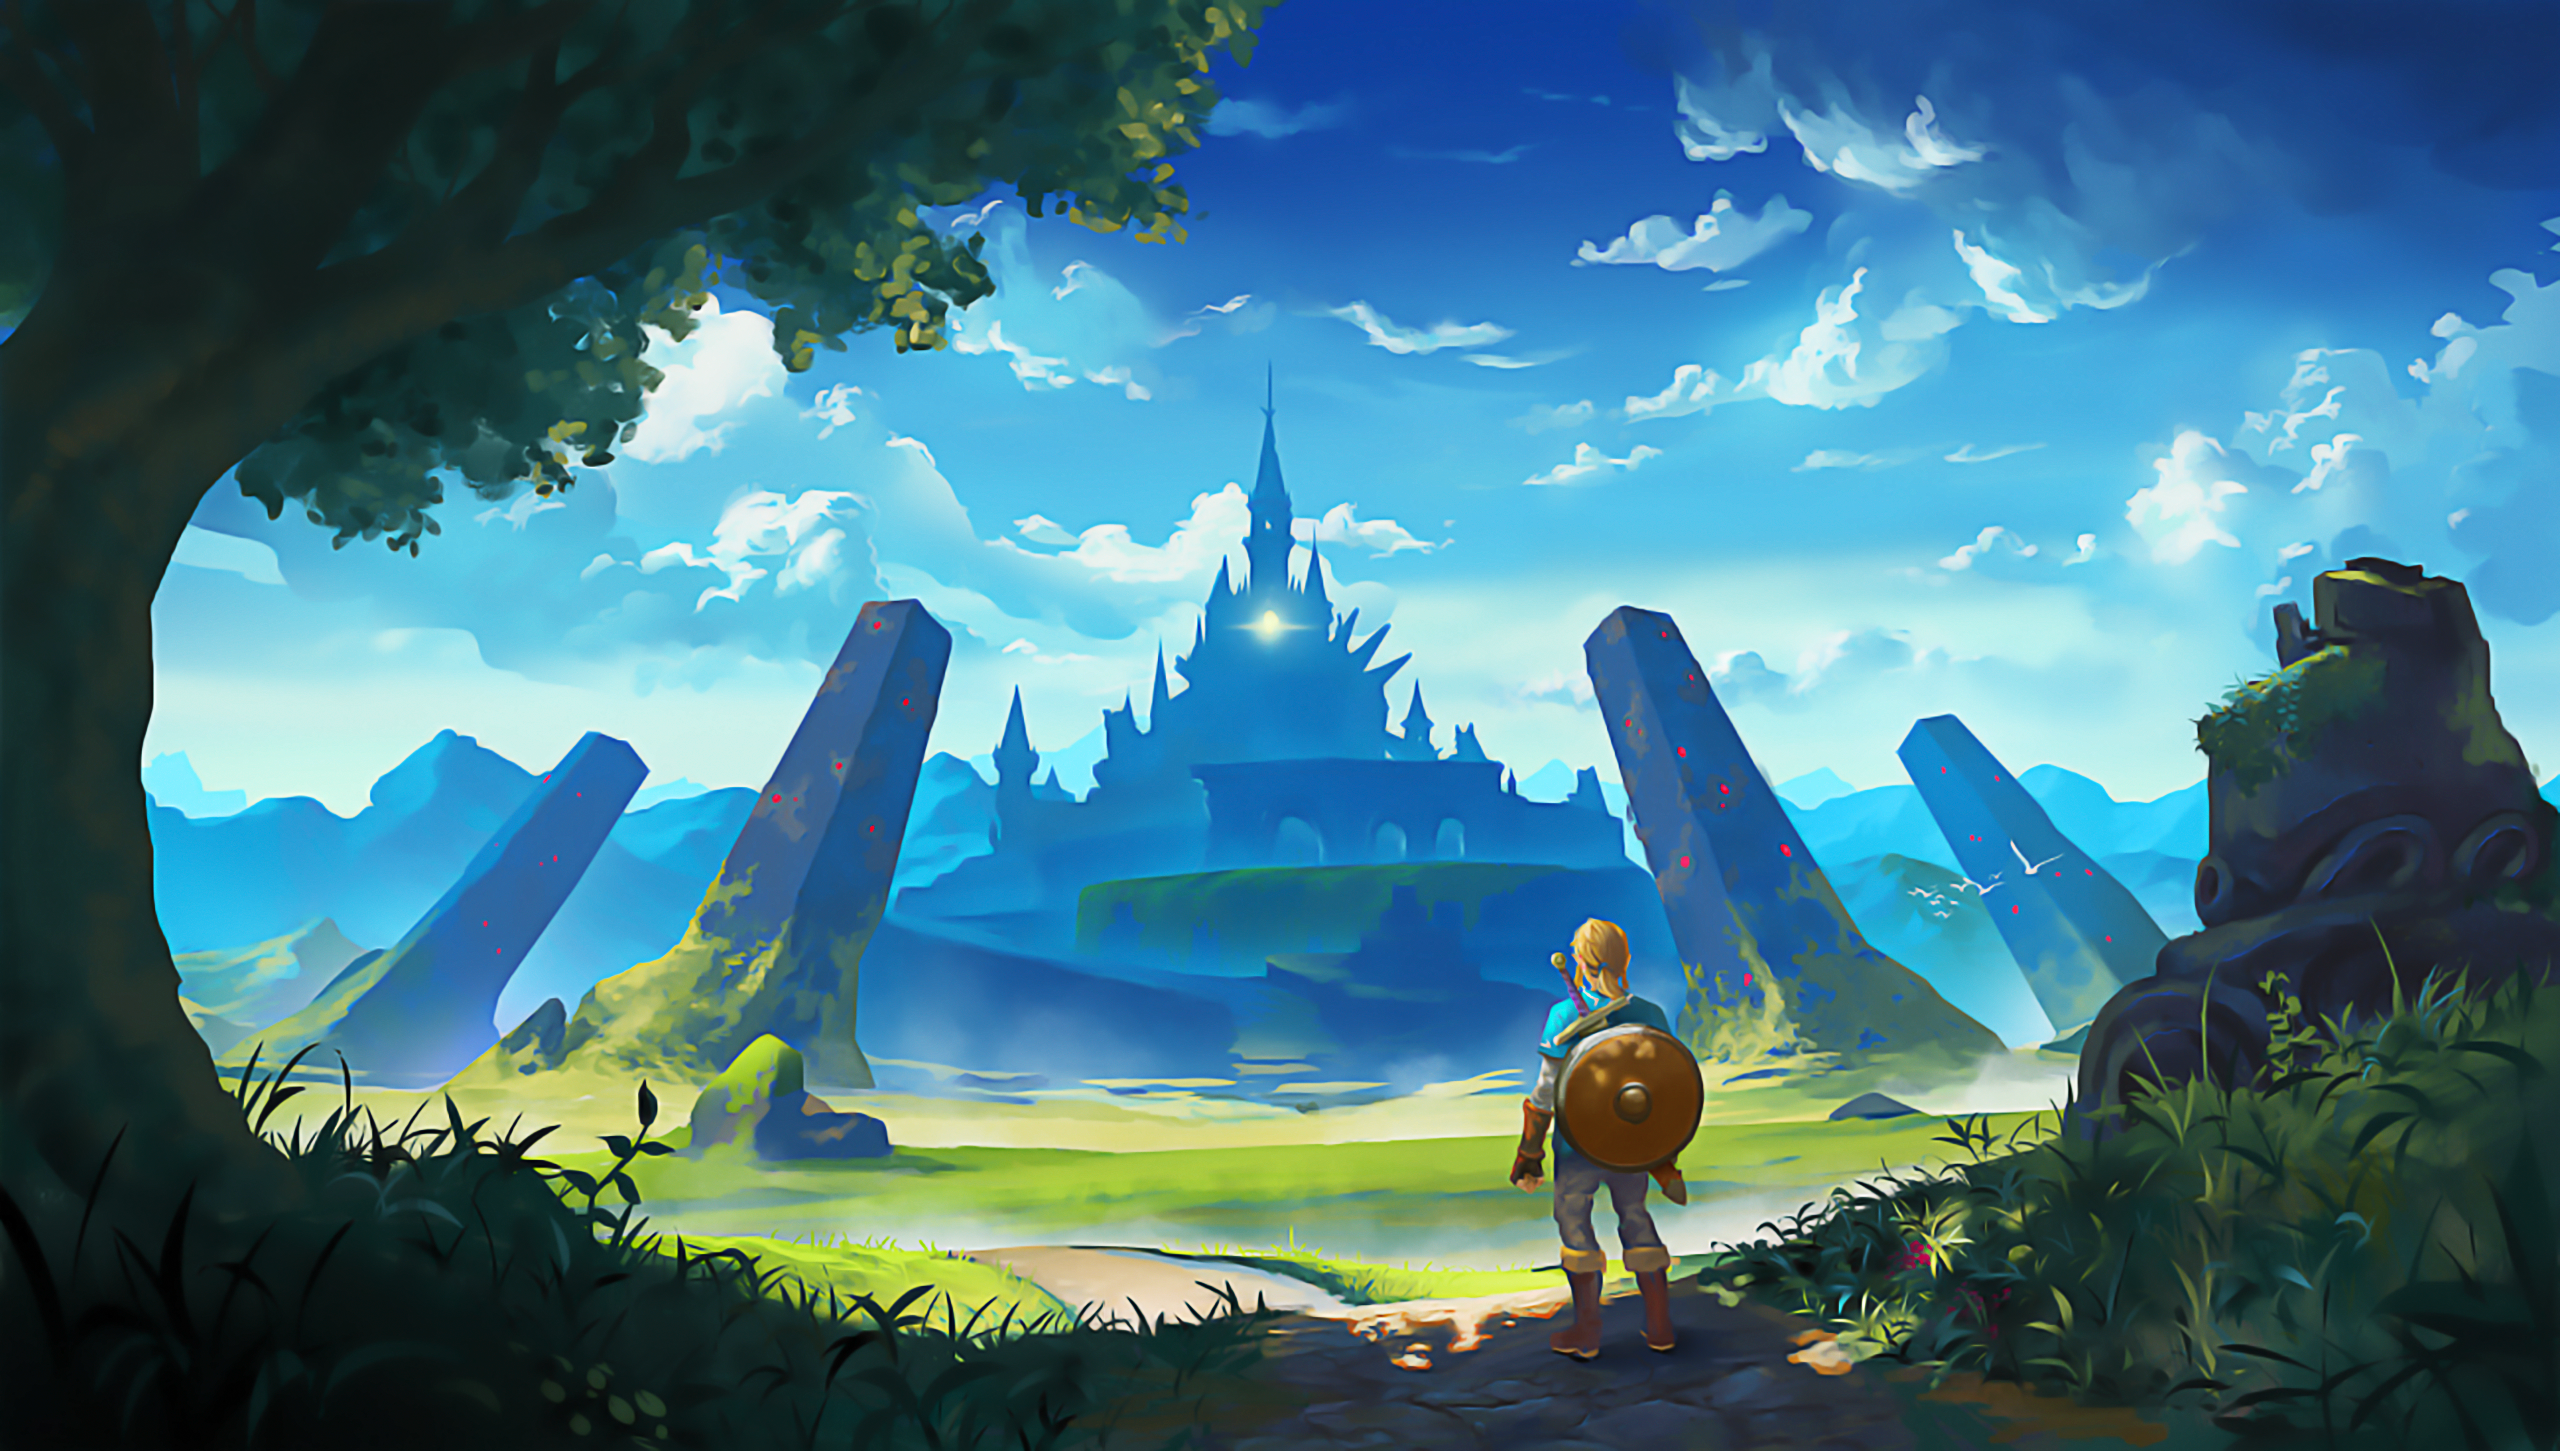 The Legend Of Zelda: Breath Of The Wild Wallpapers ...